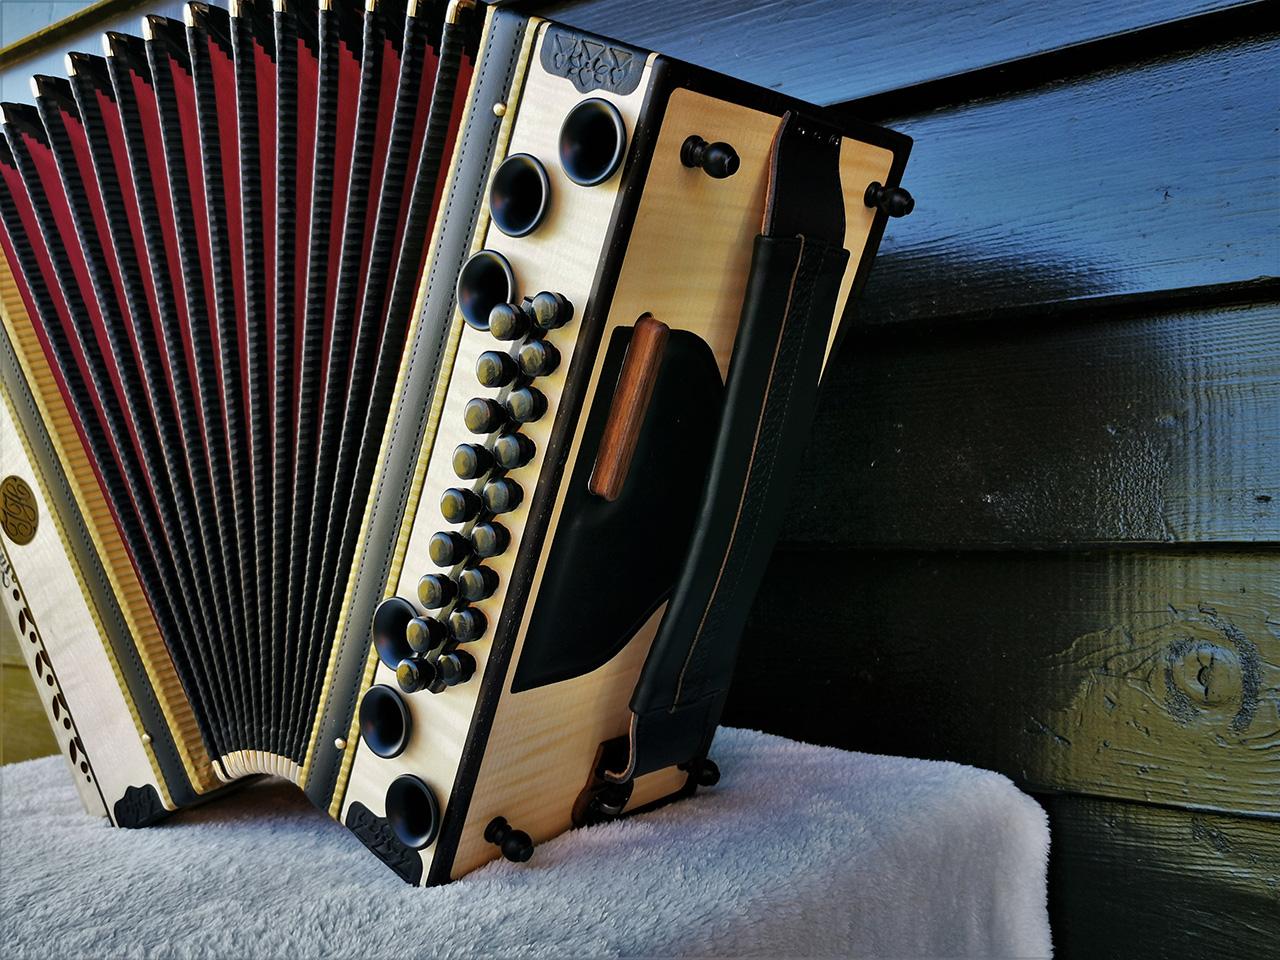 Steirische Harmonika Ahorn geriegelt Balgfarbe